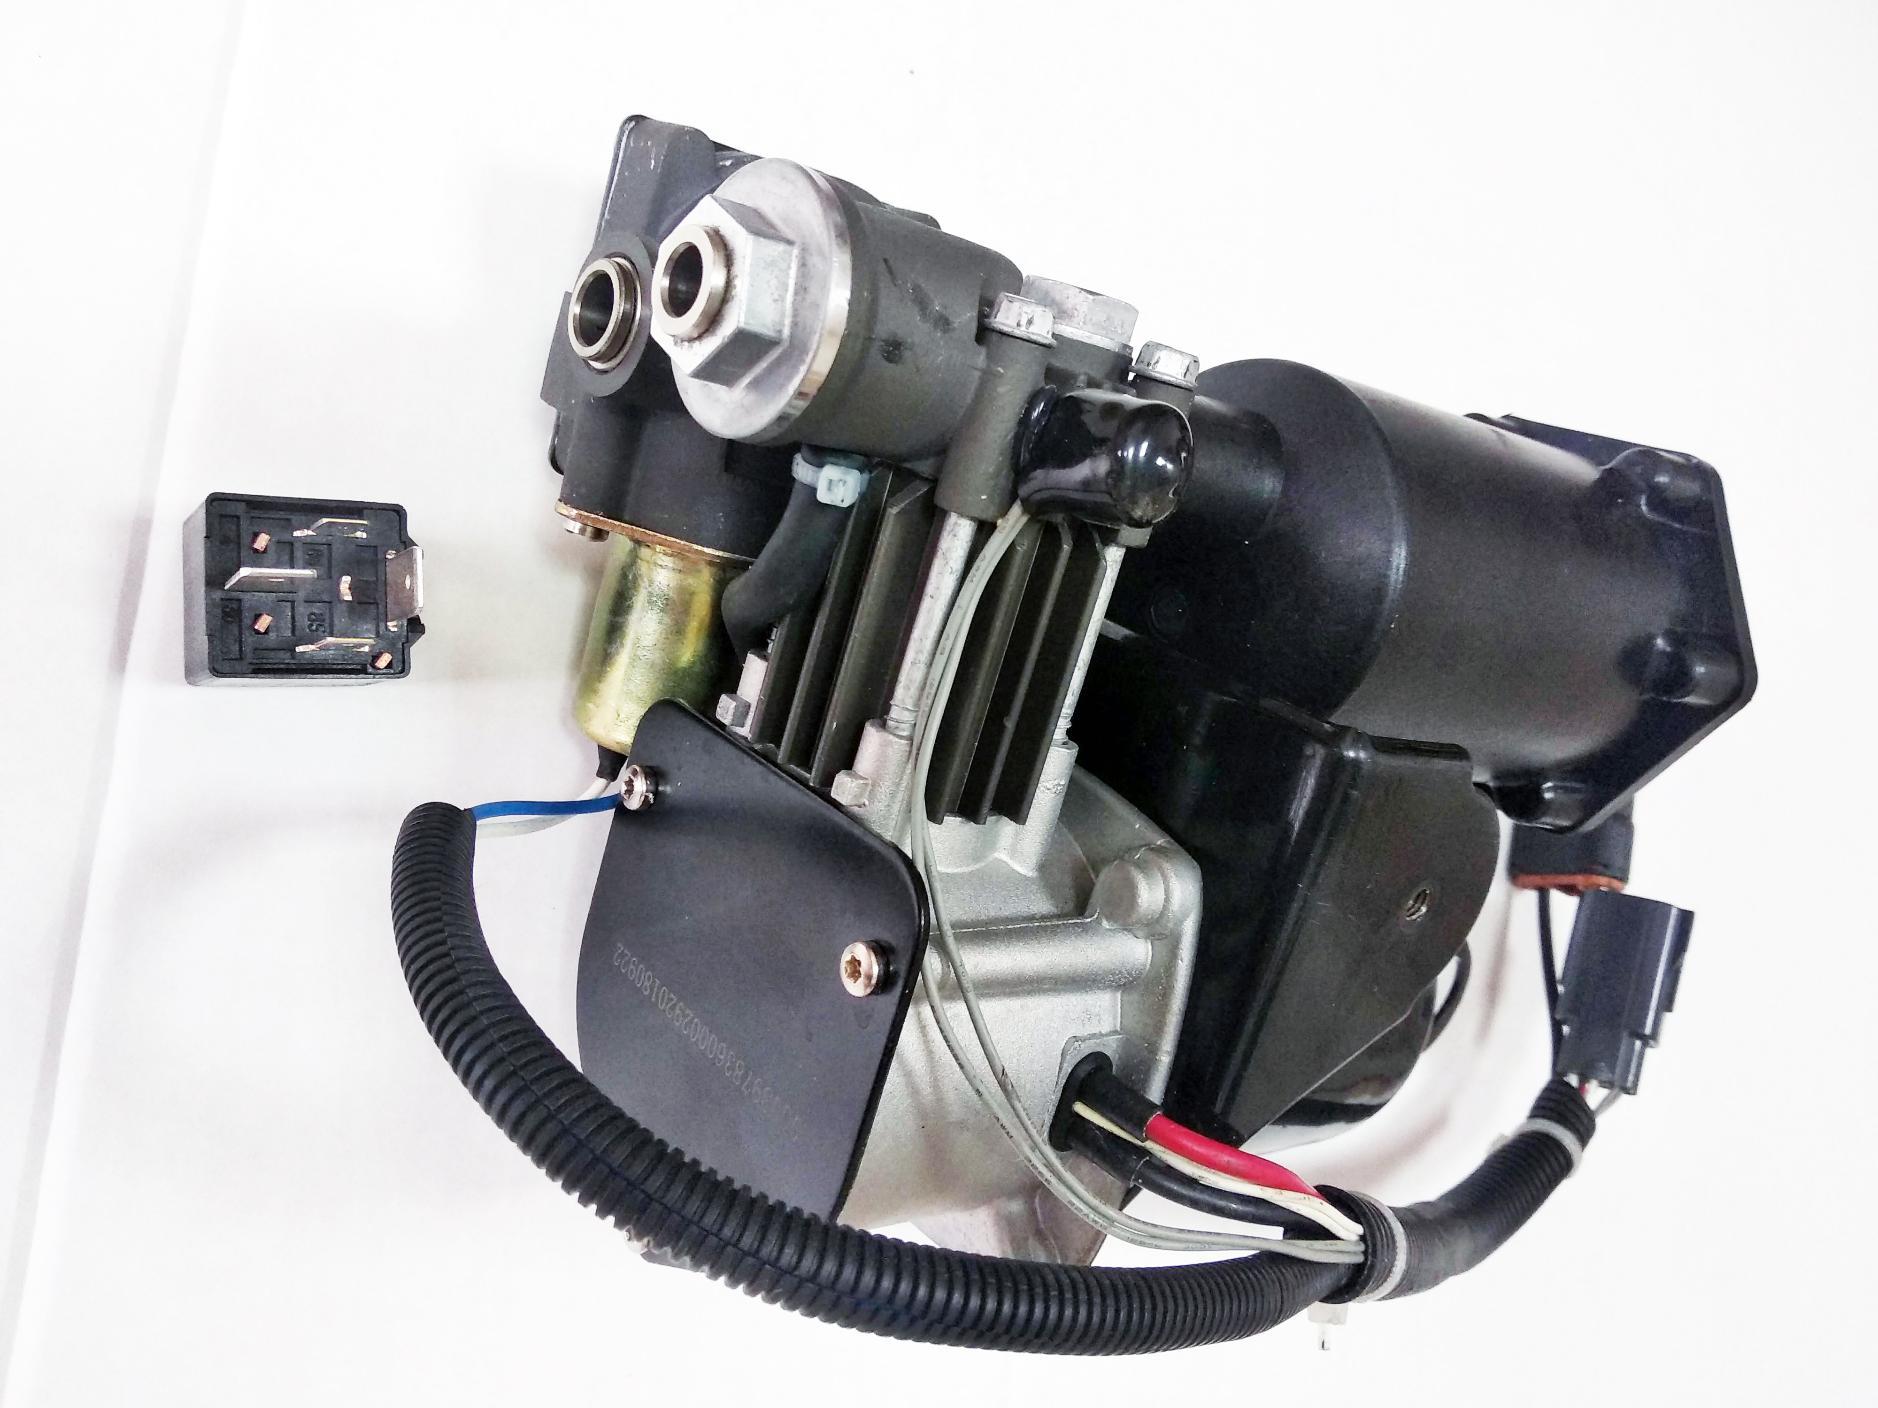 картинка Новый компрессор пневмоподвески Miessler Automotive - Hitachi (LR061663, LR023964) для Land Rover L319 Discovery 3 и 4 / L320 Range Rover Sport от магазина пневмоподвески ПневмоМаркет